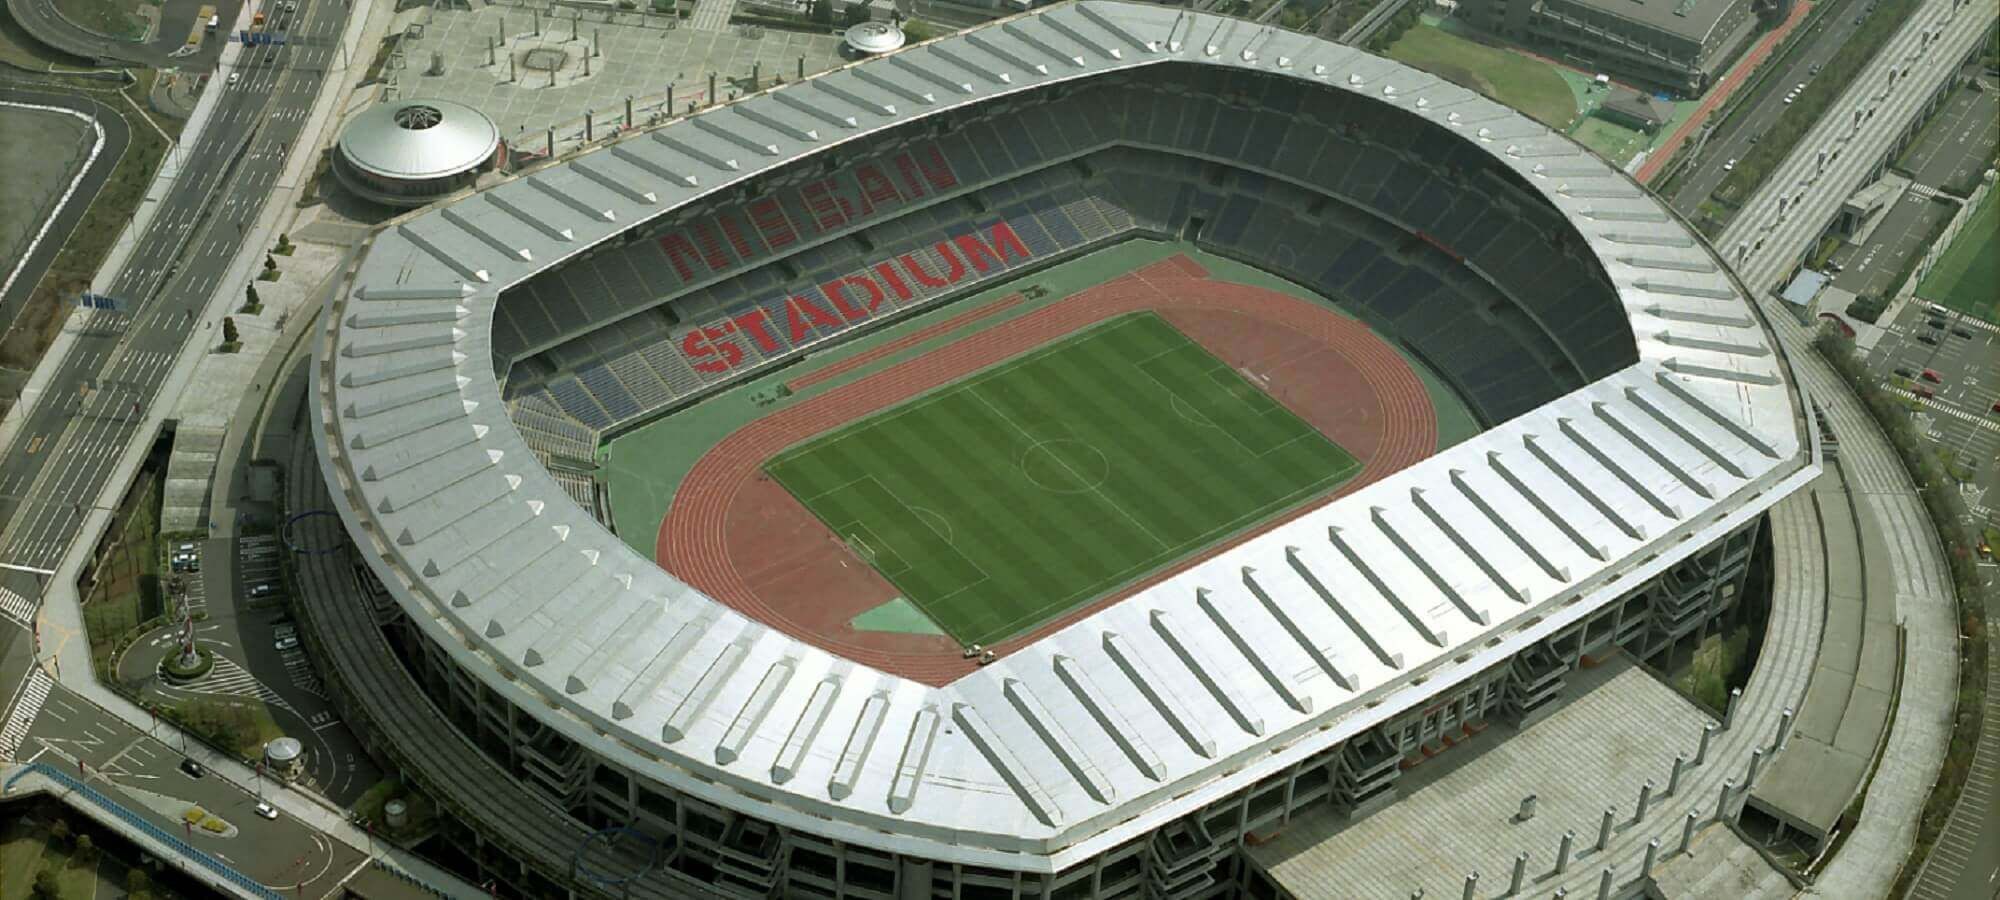 「日産スタジアム」の画像検索結果